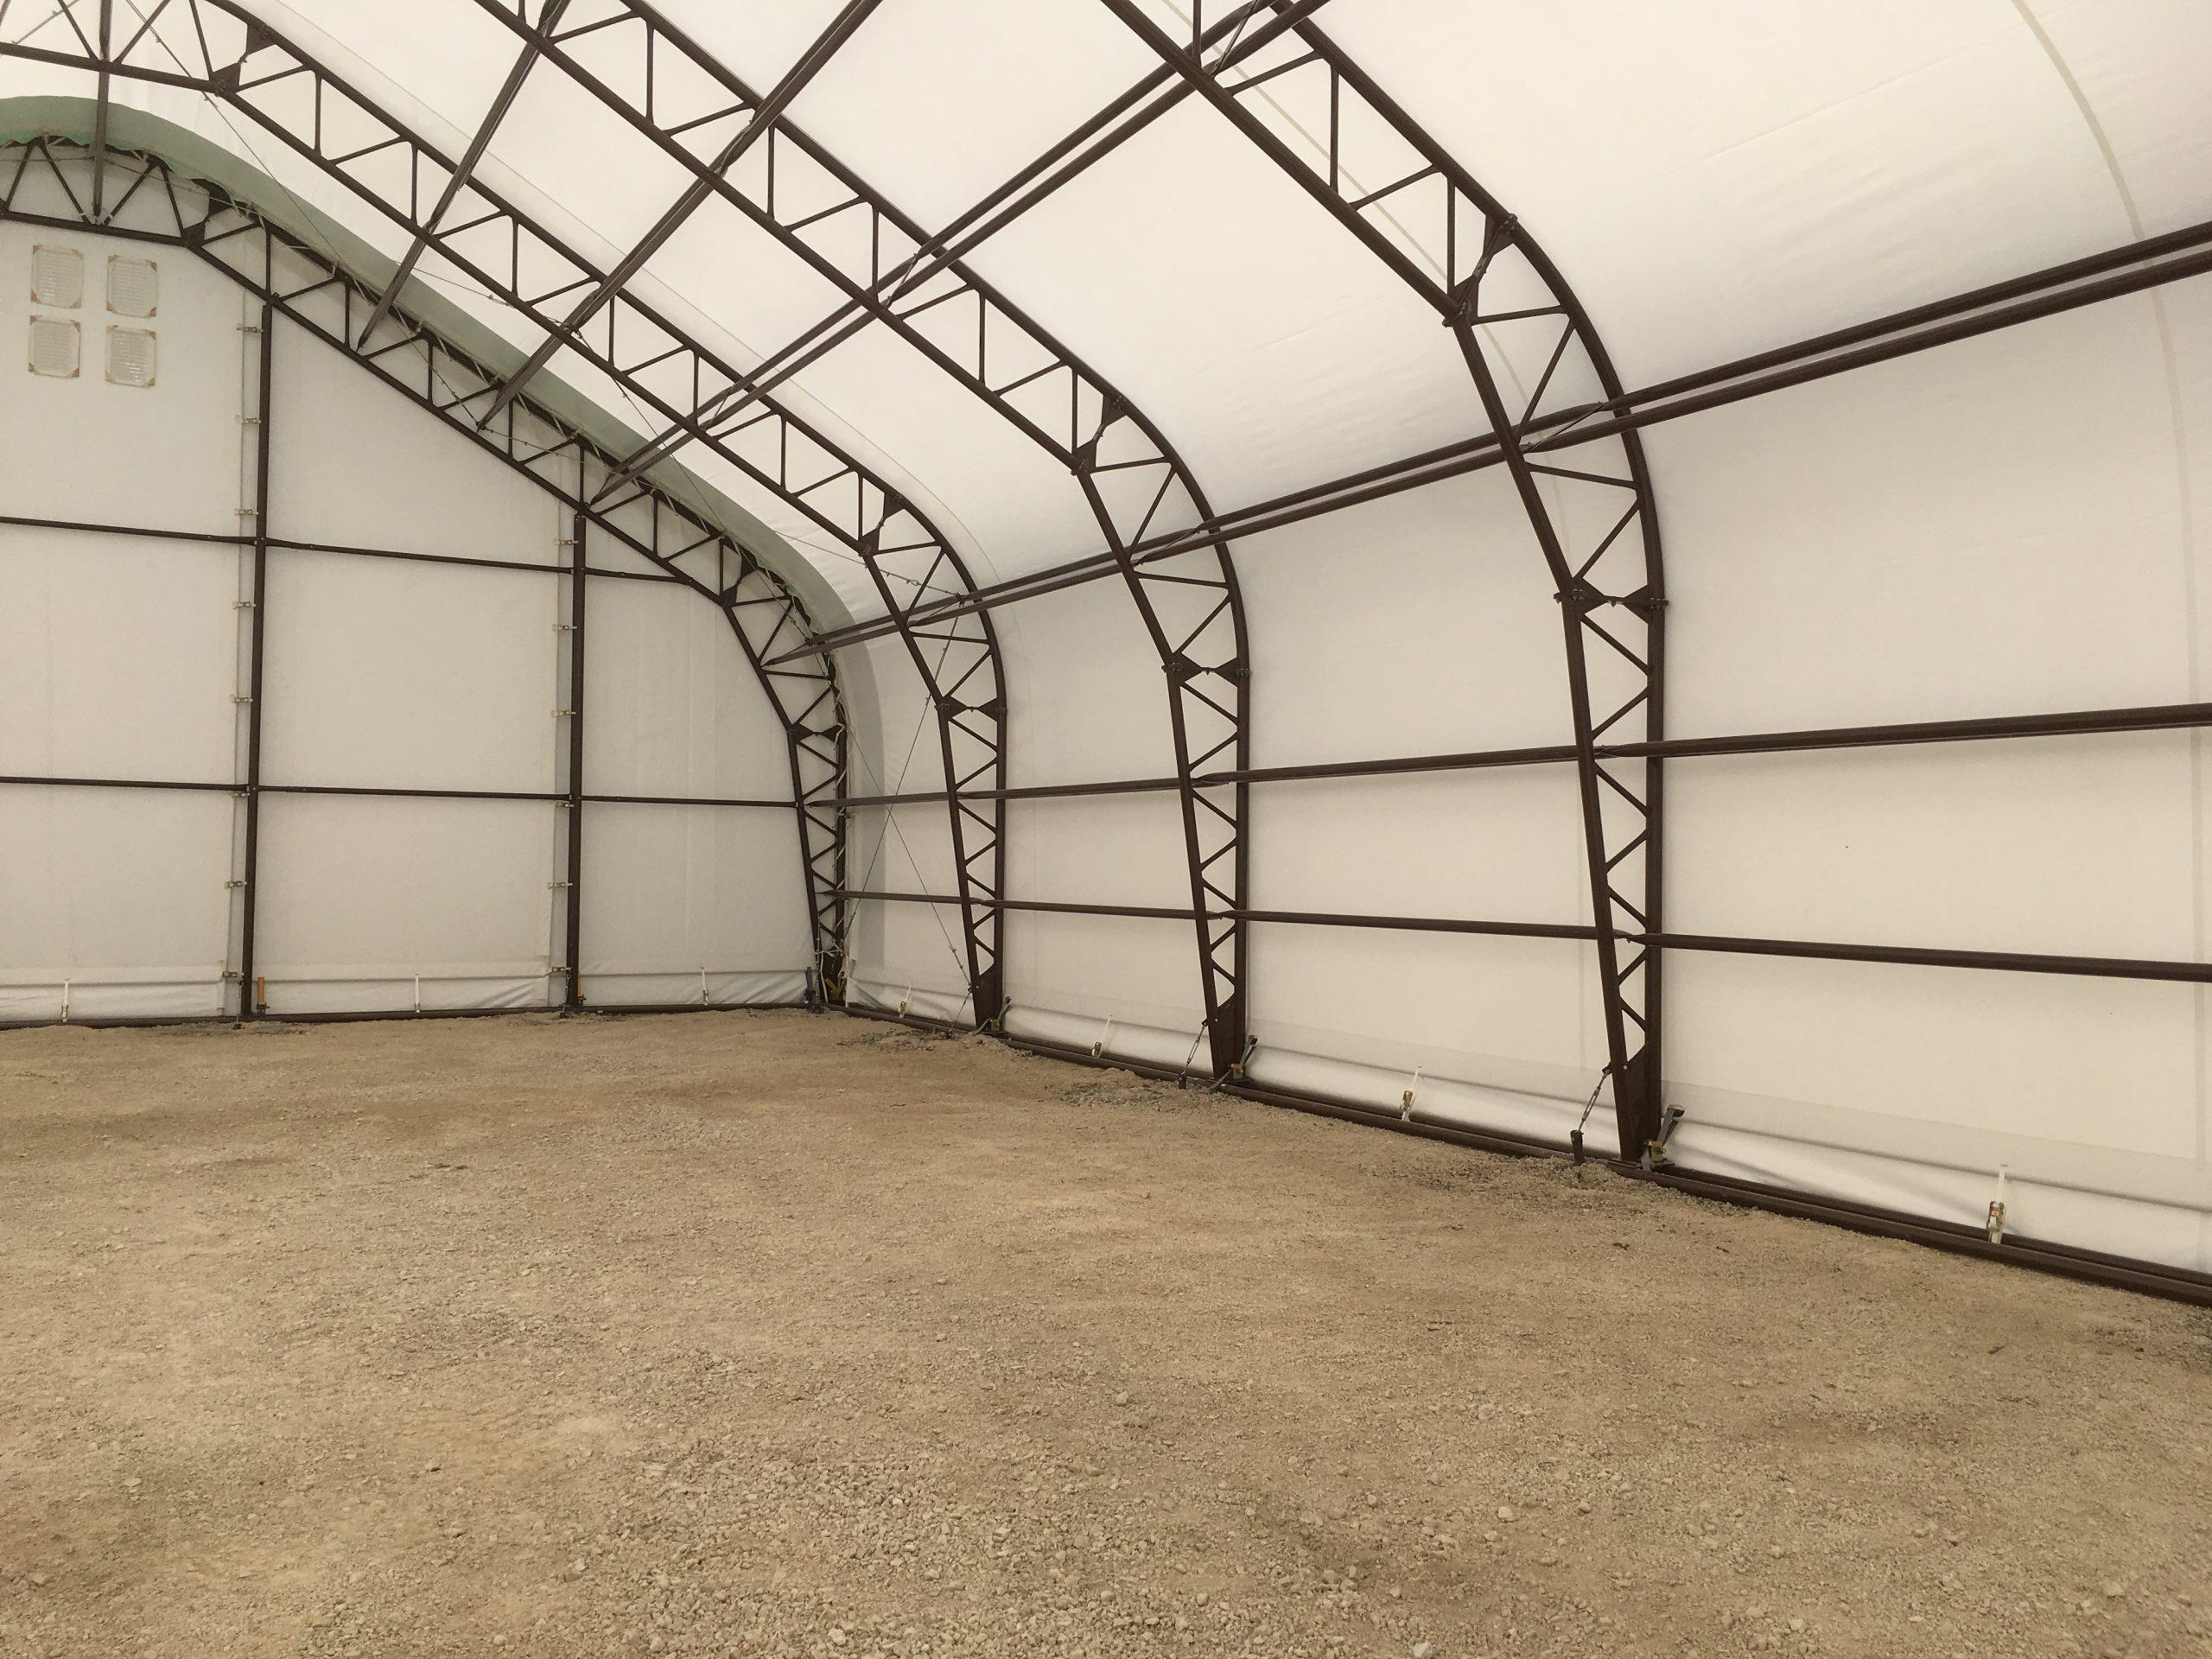 Farm Equipment Storage Building - Interior